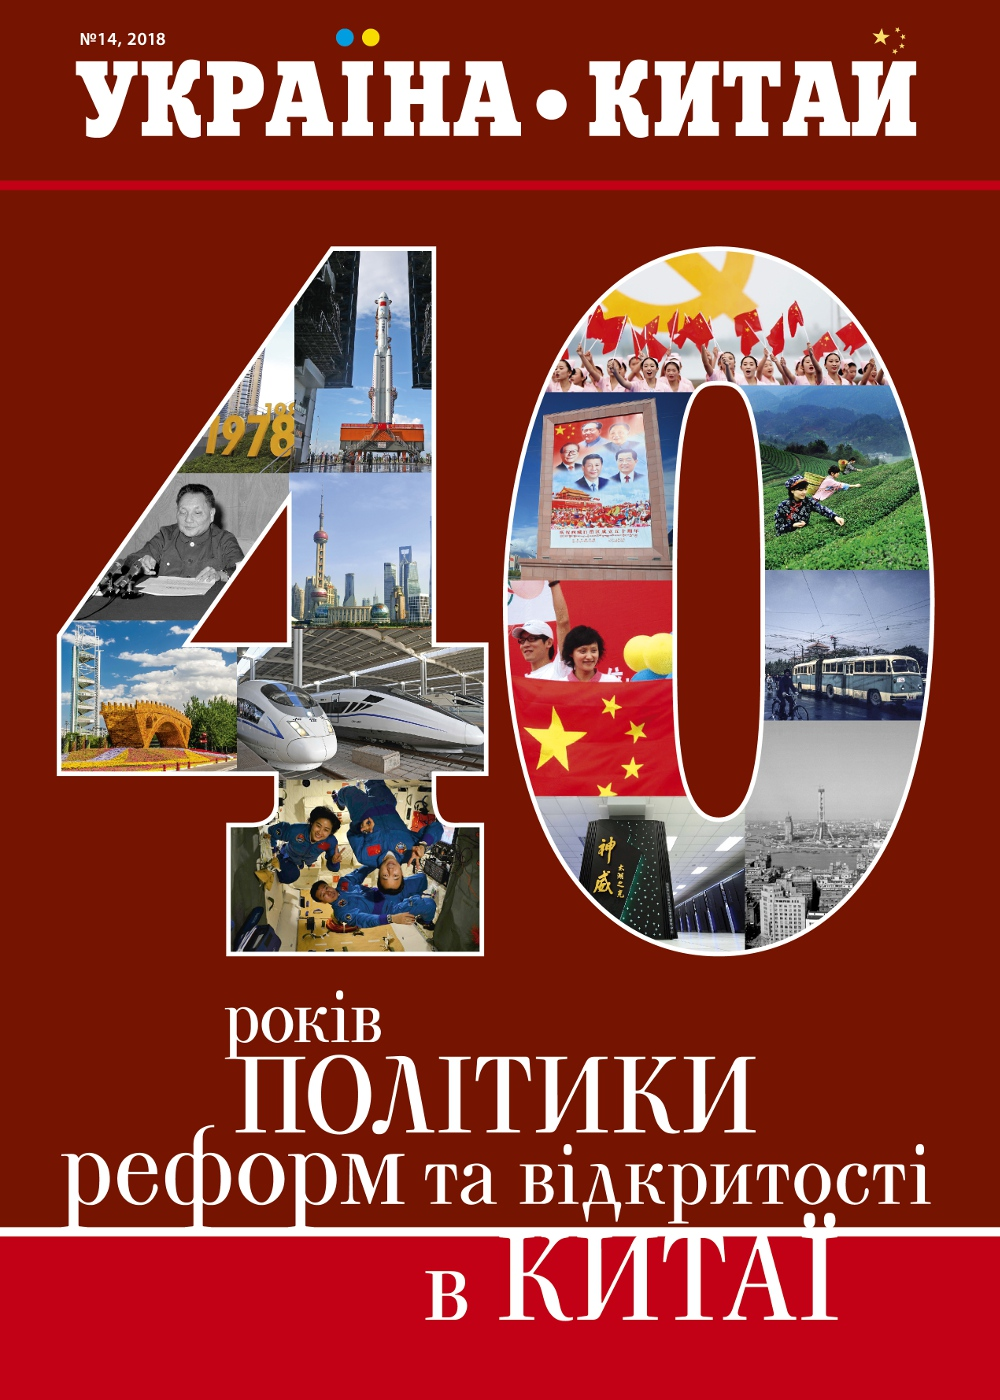 乌克兰-中国 2018, 14